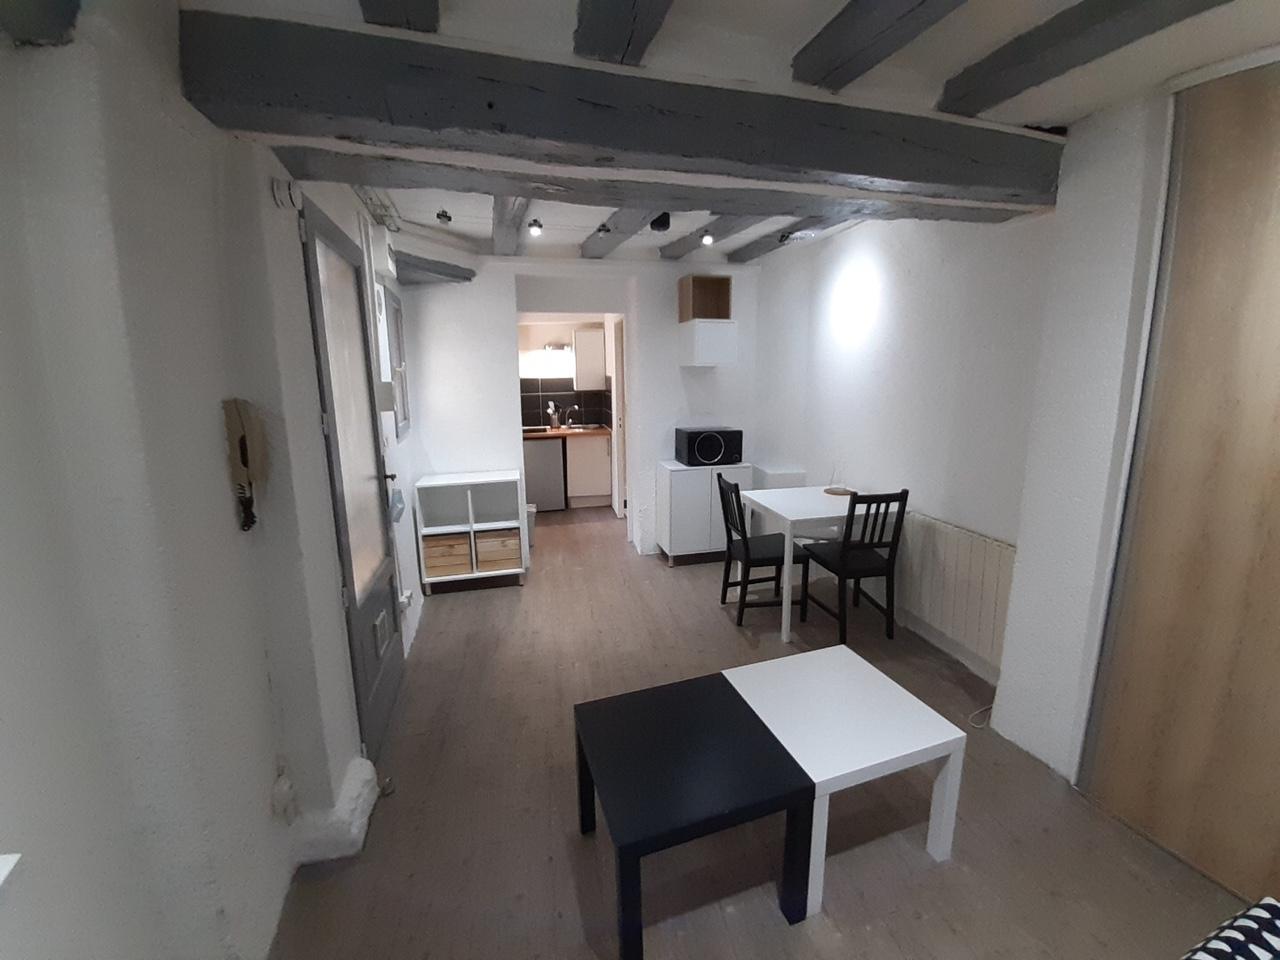 quartier-des-halles-studio-meuble